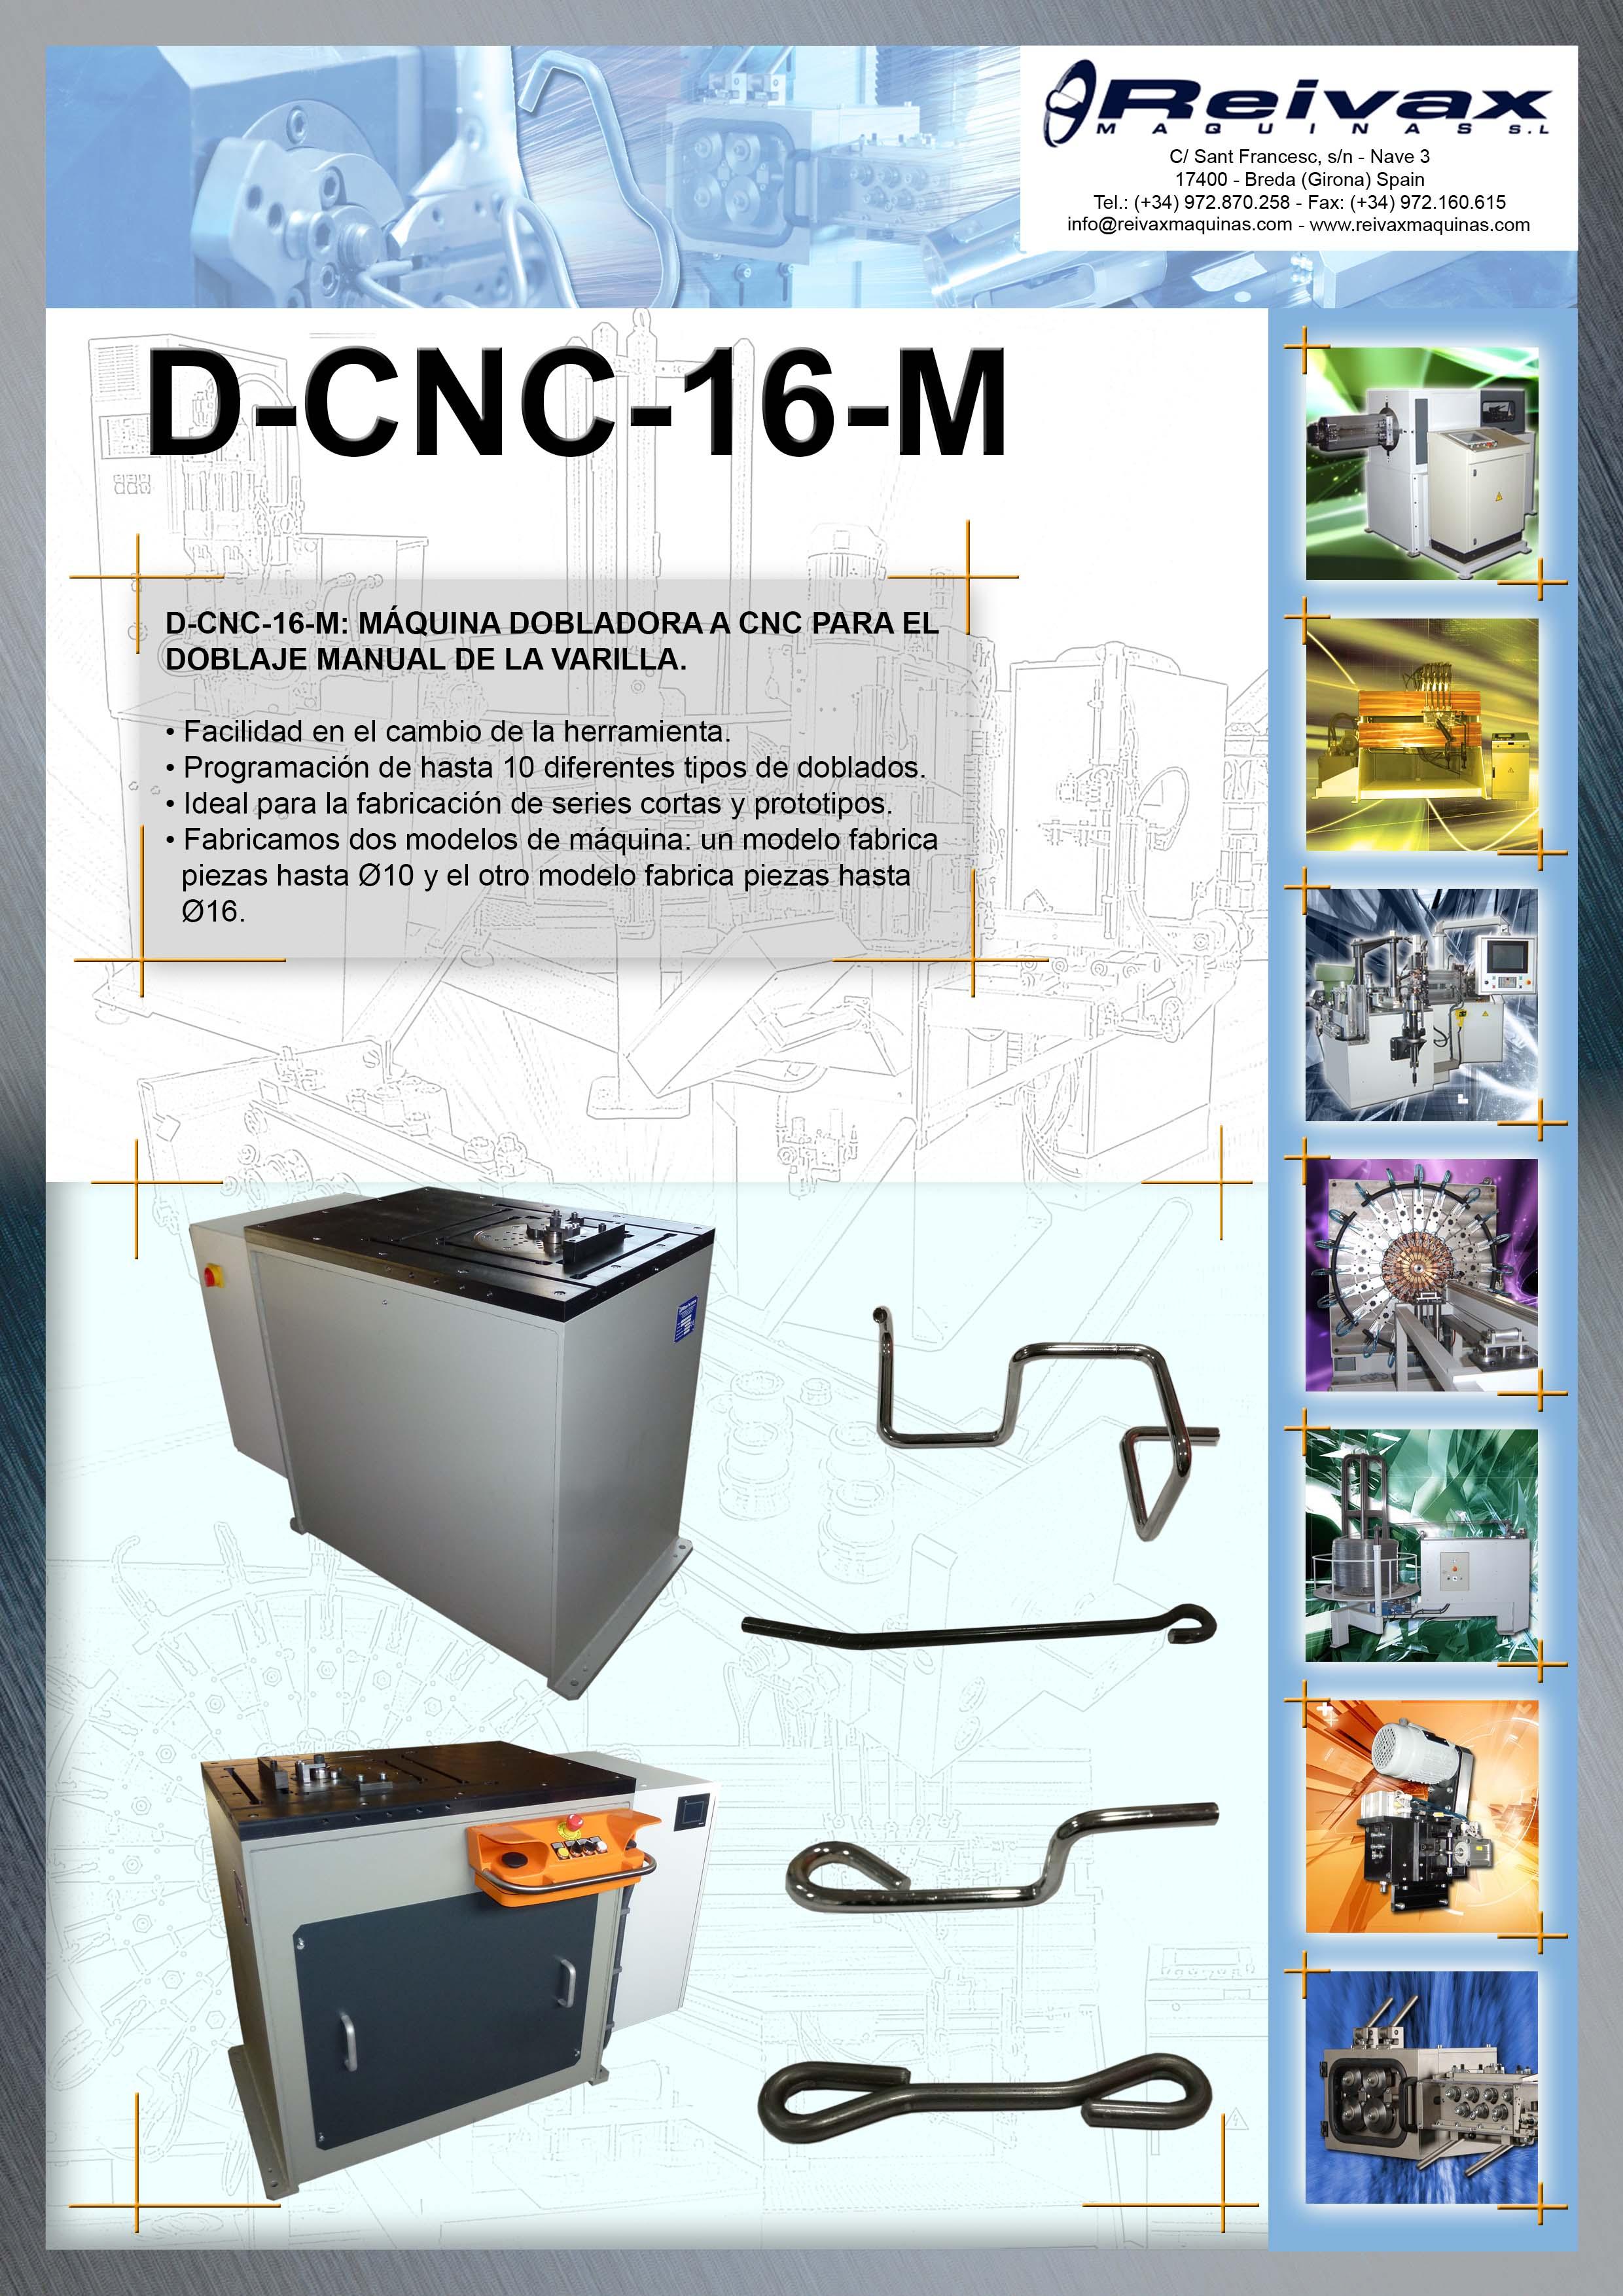 ReivaxMaquinas: Ficha Tecnica D-CNC-16-M